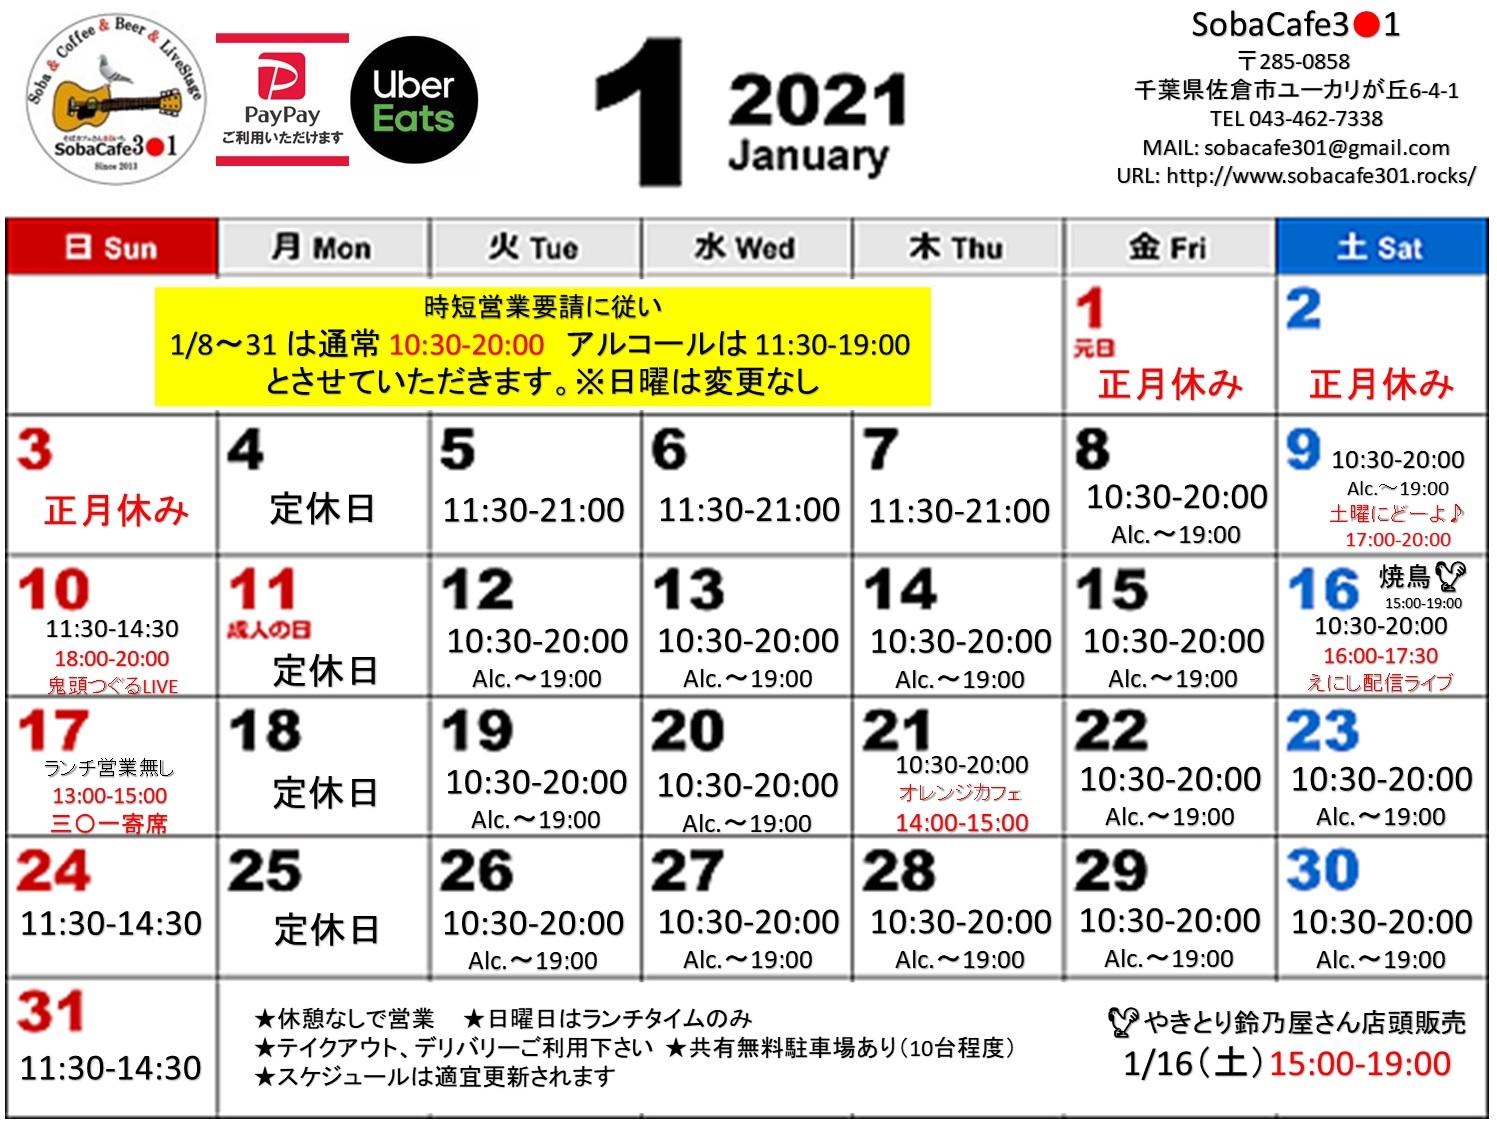 SobaCafe3○1 1月のカレンダー